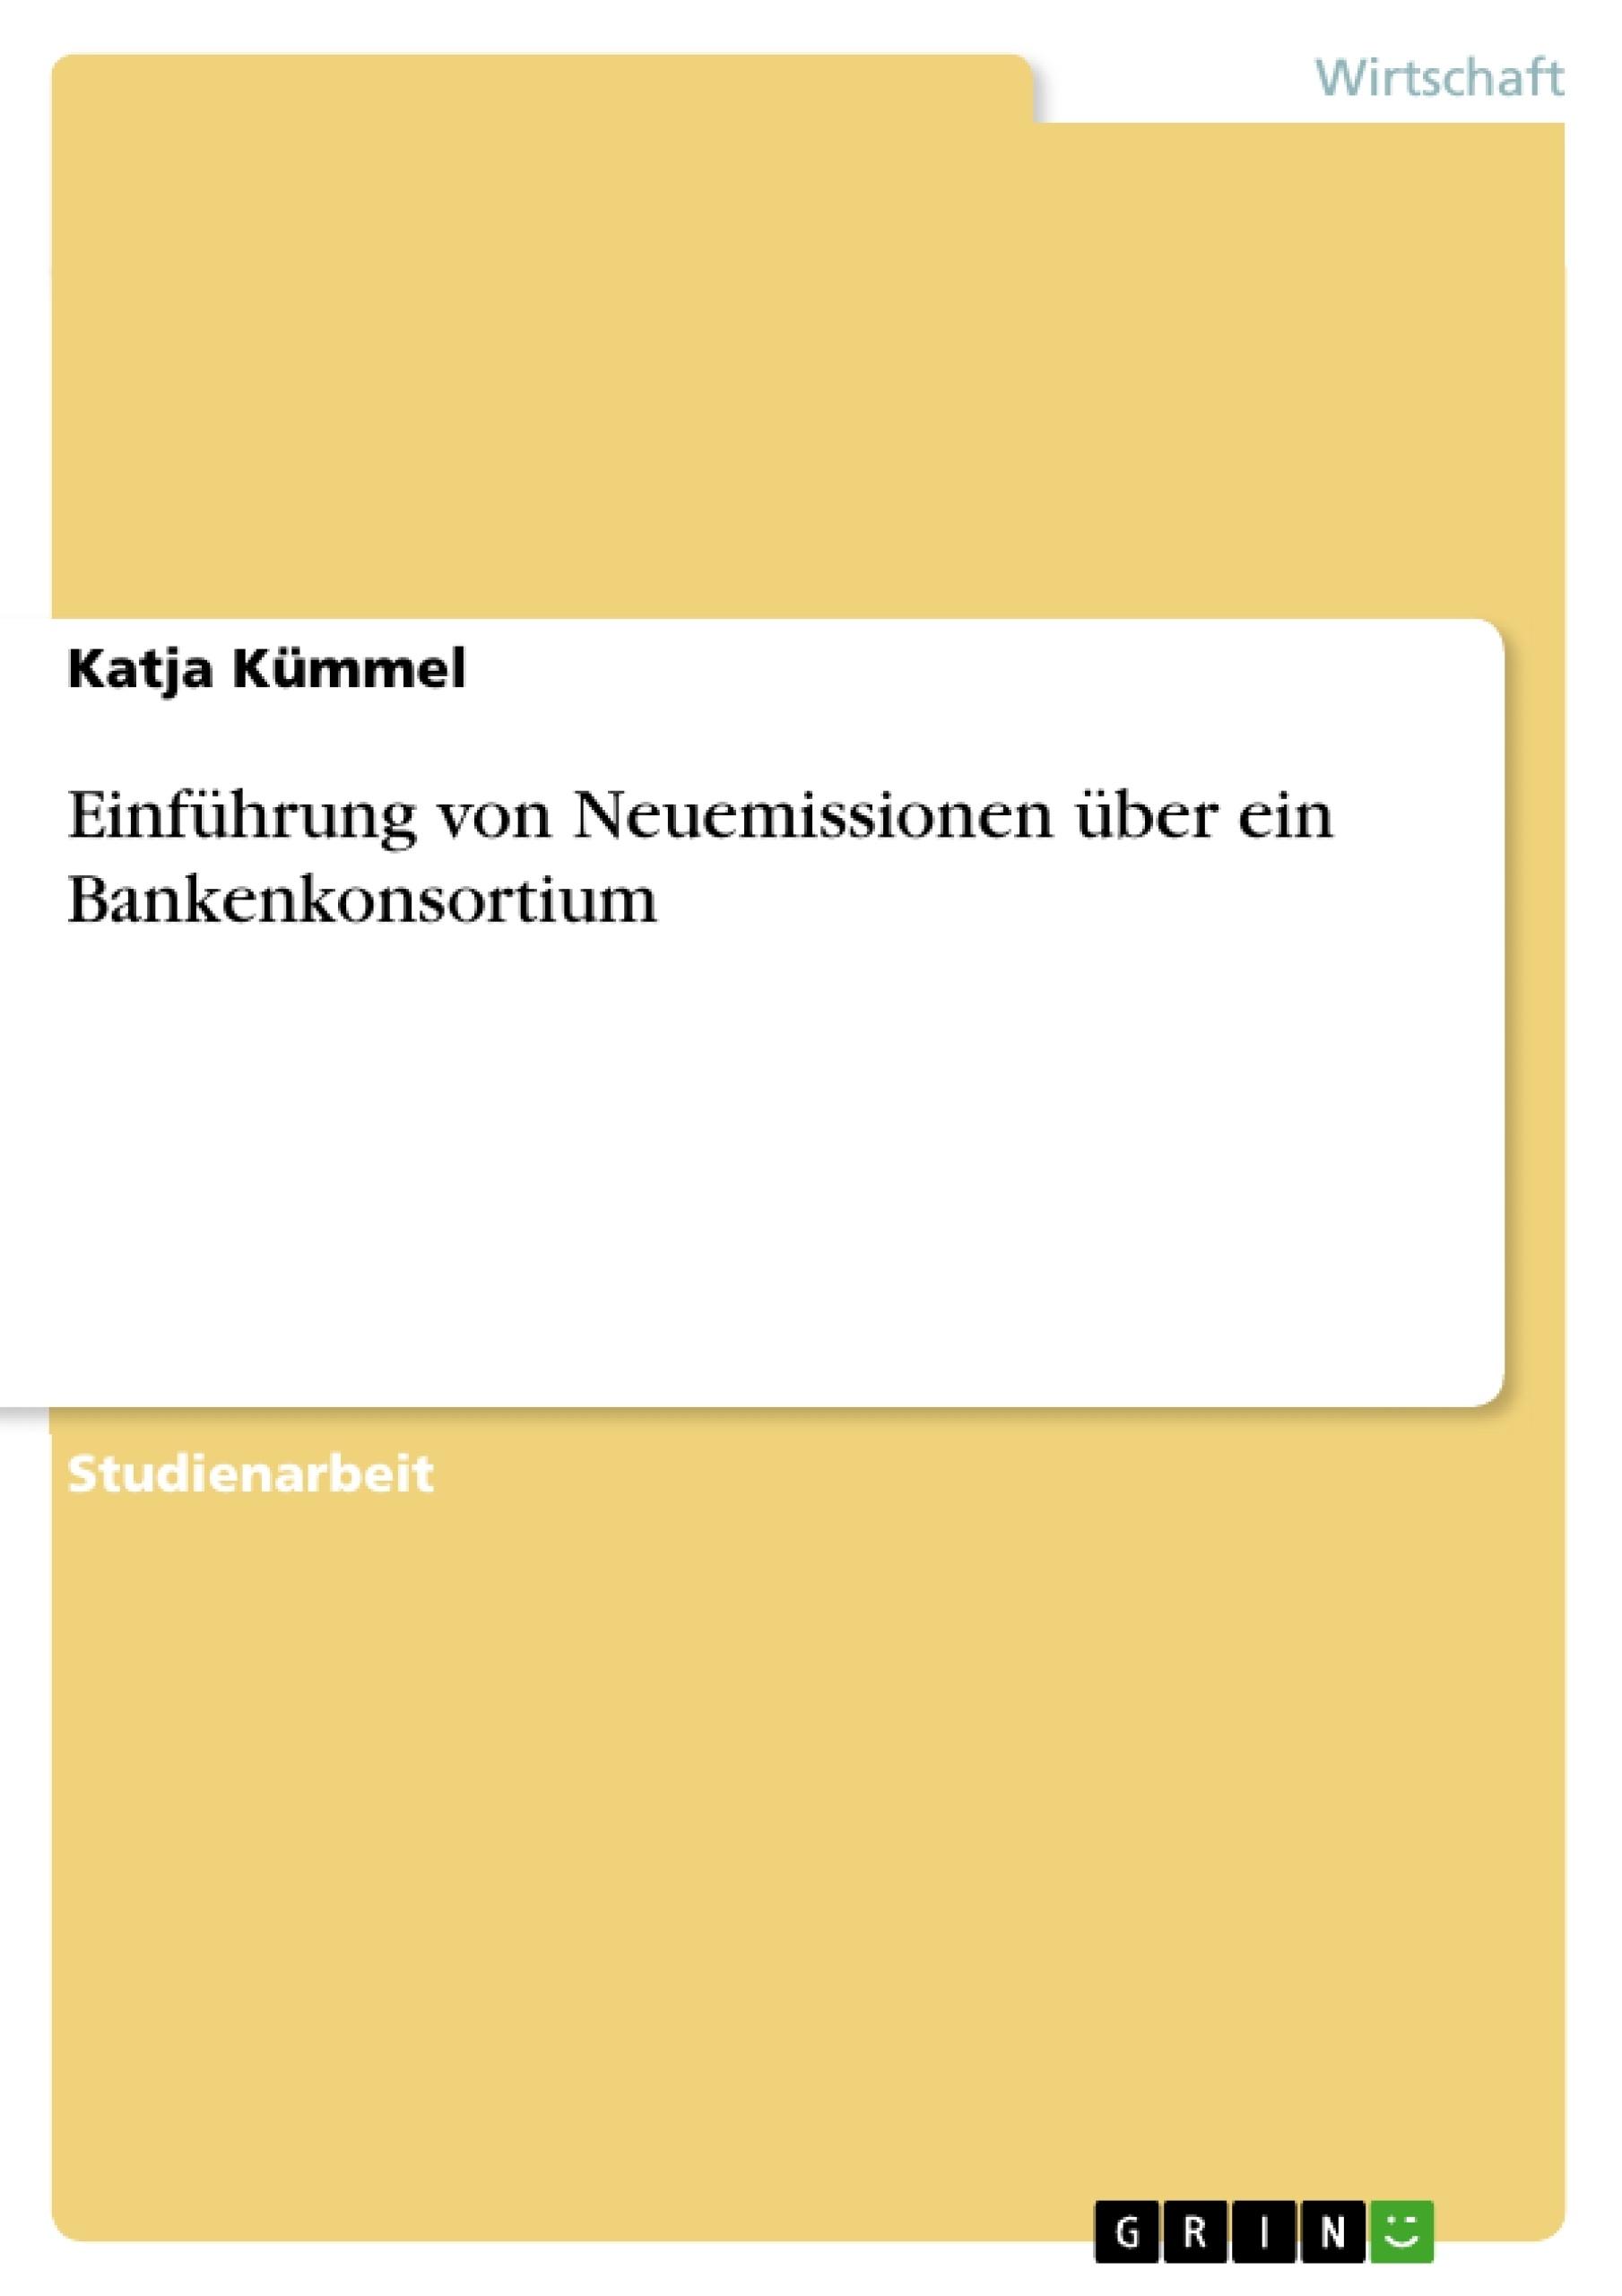 Titel: Einführung von Neuemissionen über ein Bankenkonsortium